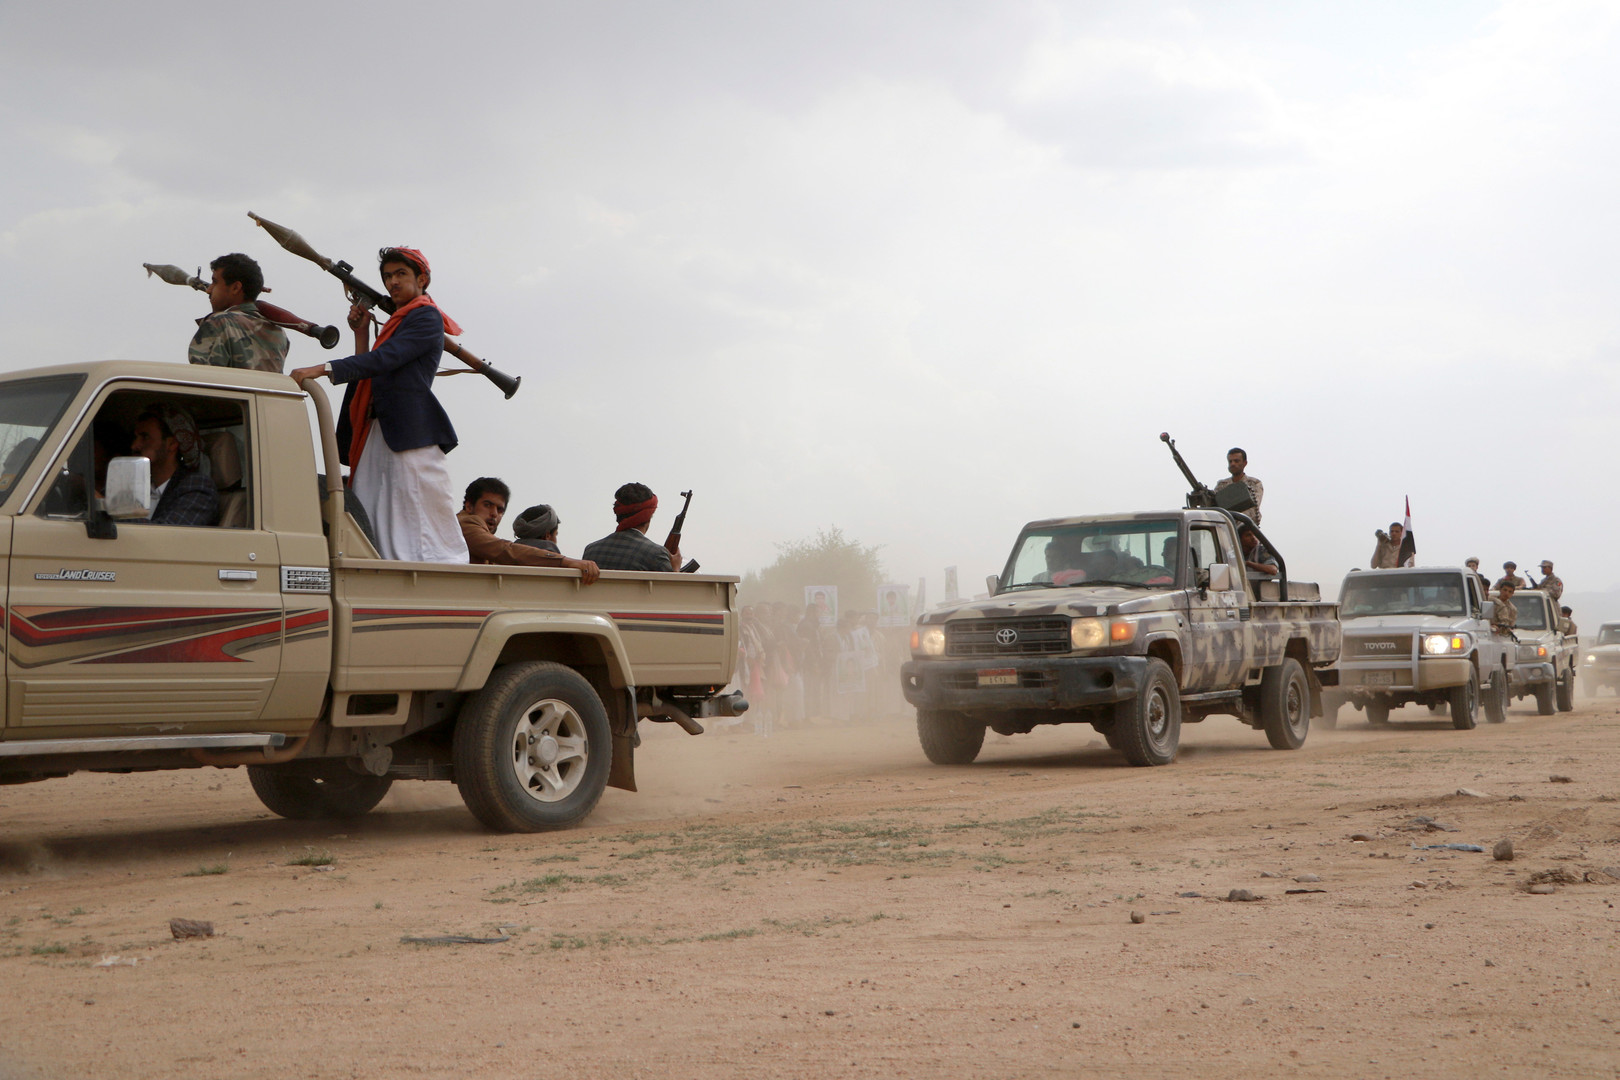 الحوثيون يعلنون تنفيذ هجوم جديد استهدف مطار أبها جنوب السعودية